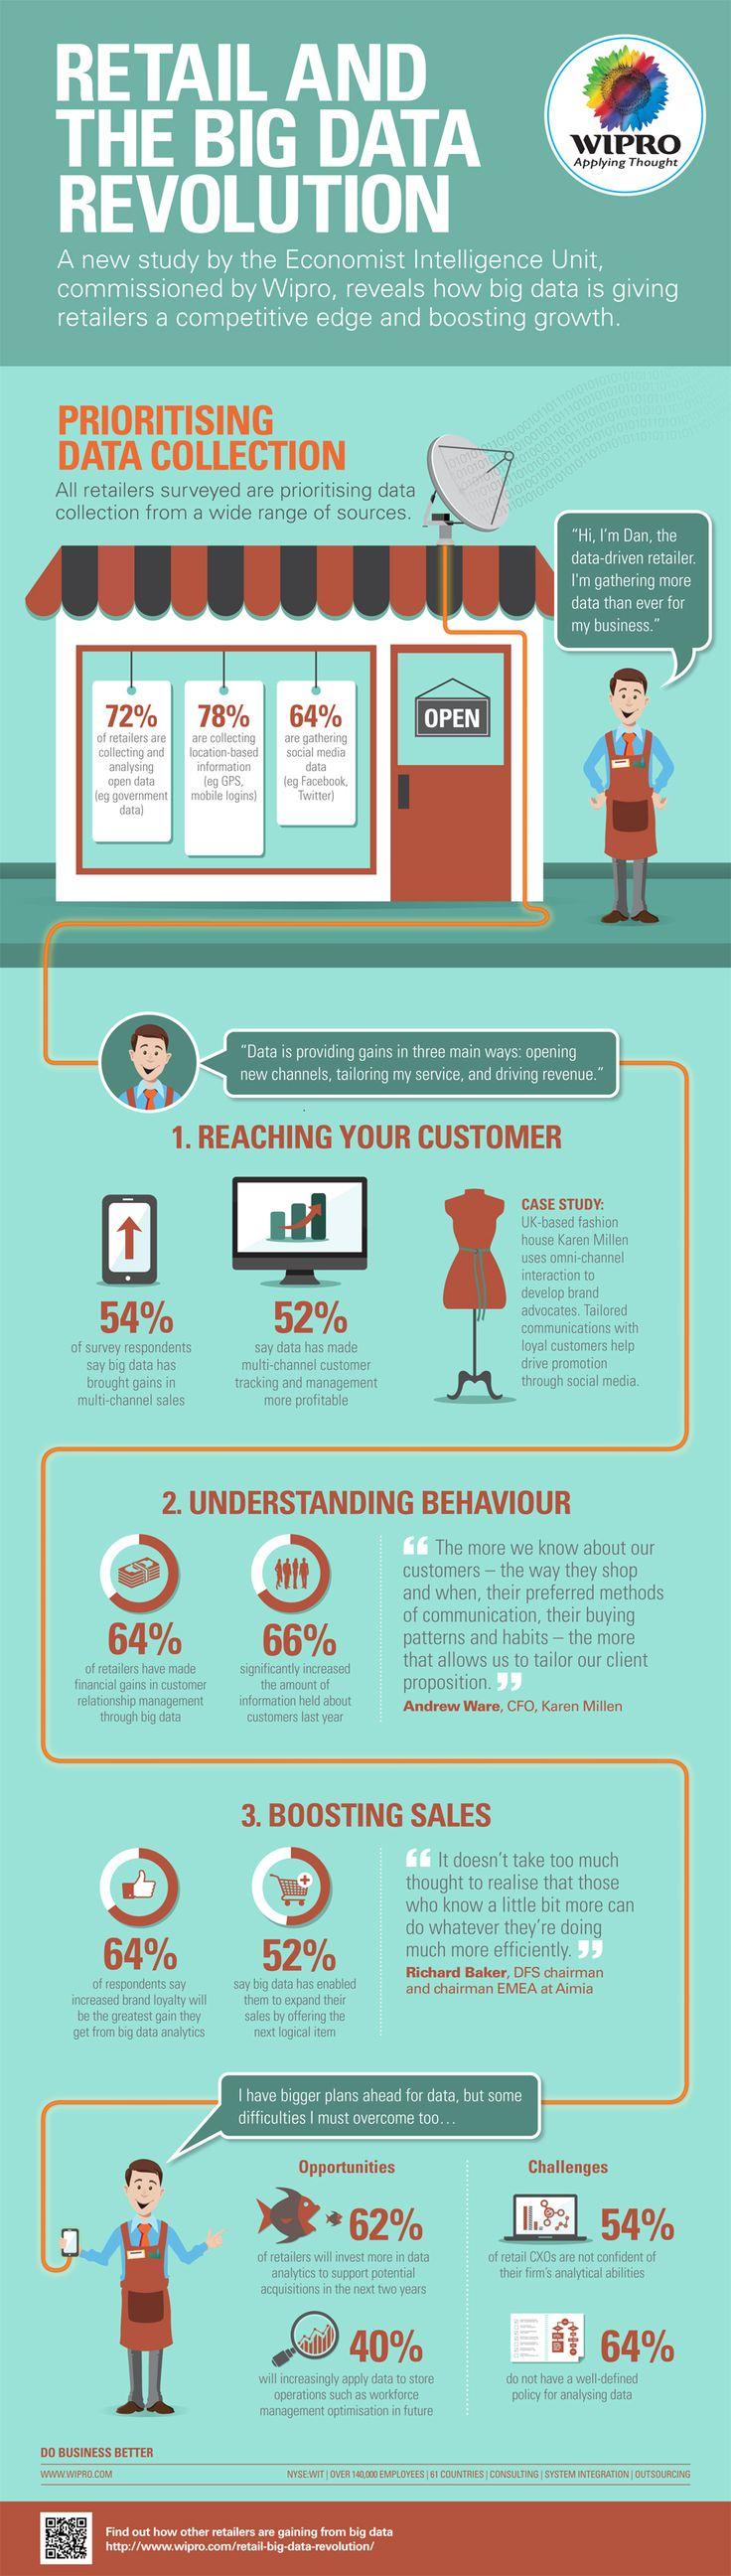 El Big Data y la Analítica salen en auxilio de los negocios de venta al por menor http://christianinostrosa.com.ar/big-data-retail-ventas-menor/  #bigdata #analitica #retail